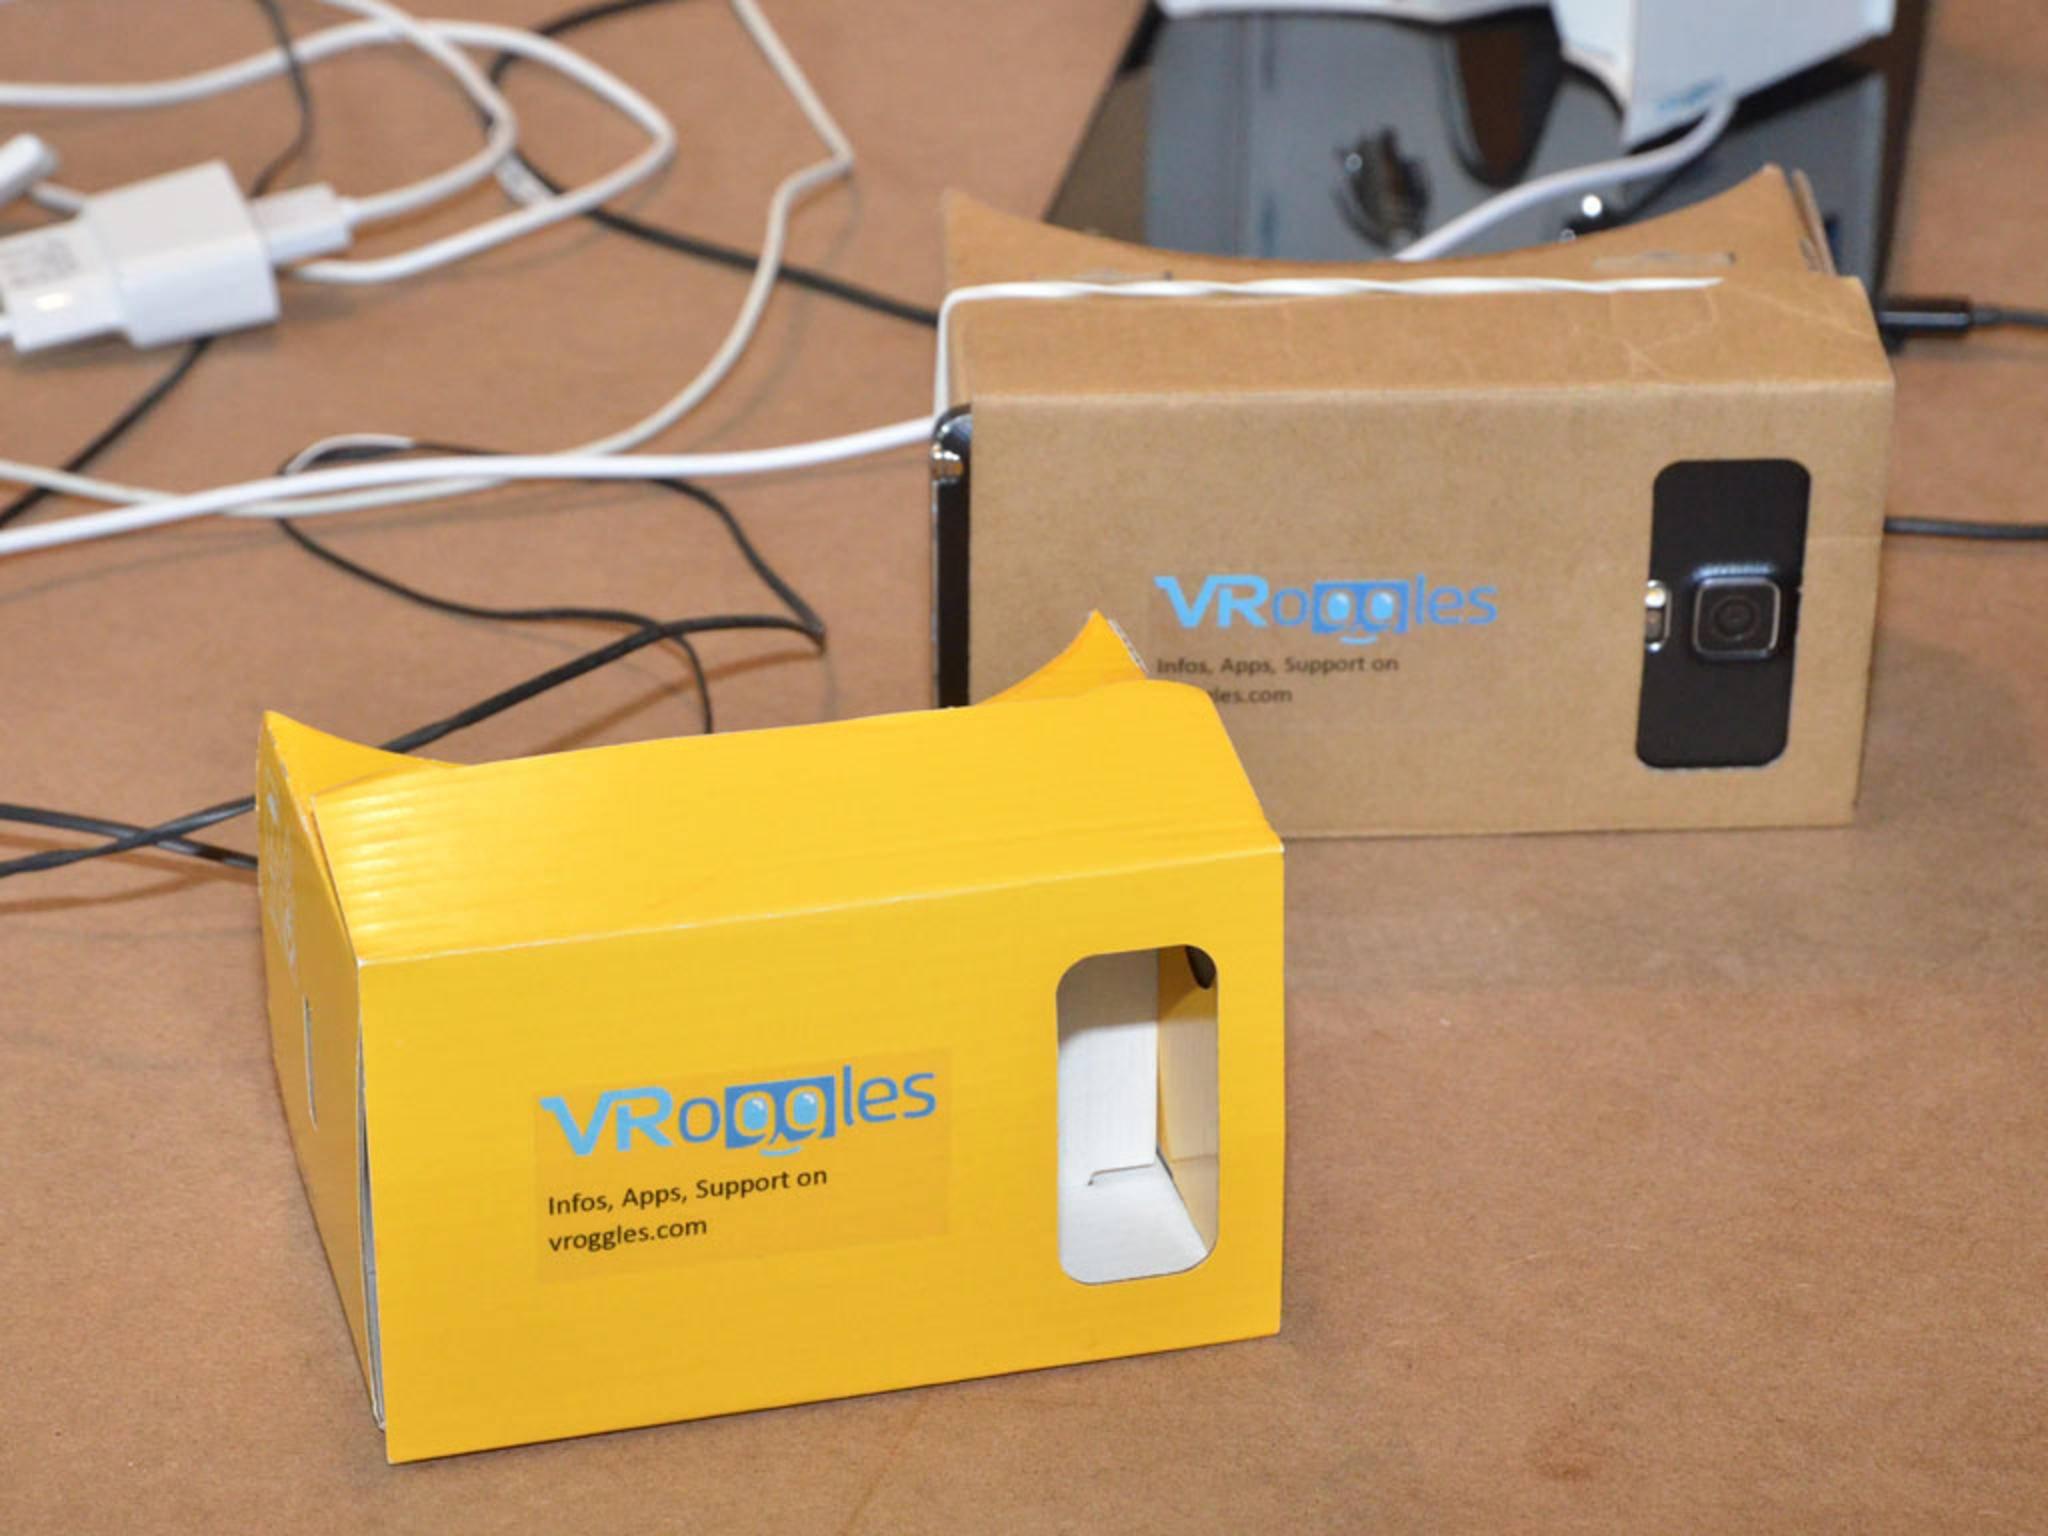 Cardboard, adé: Google arbeitet anscheinend an einer neuen VR-Lösung.